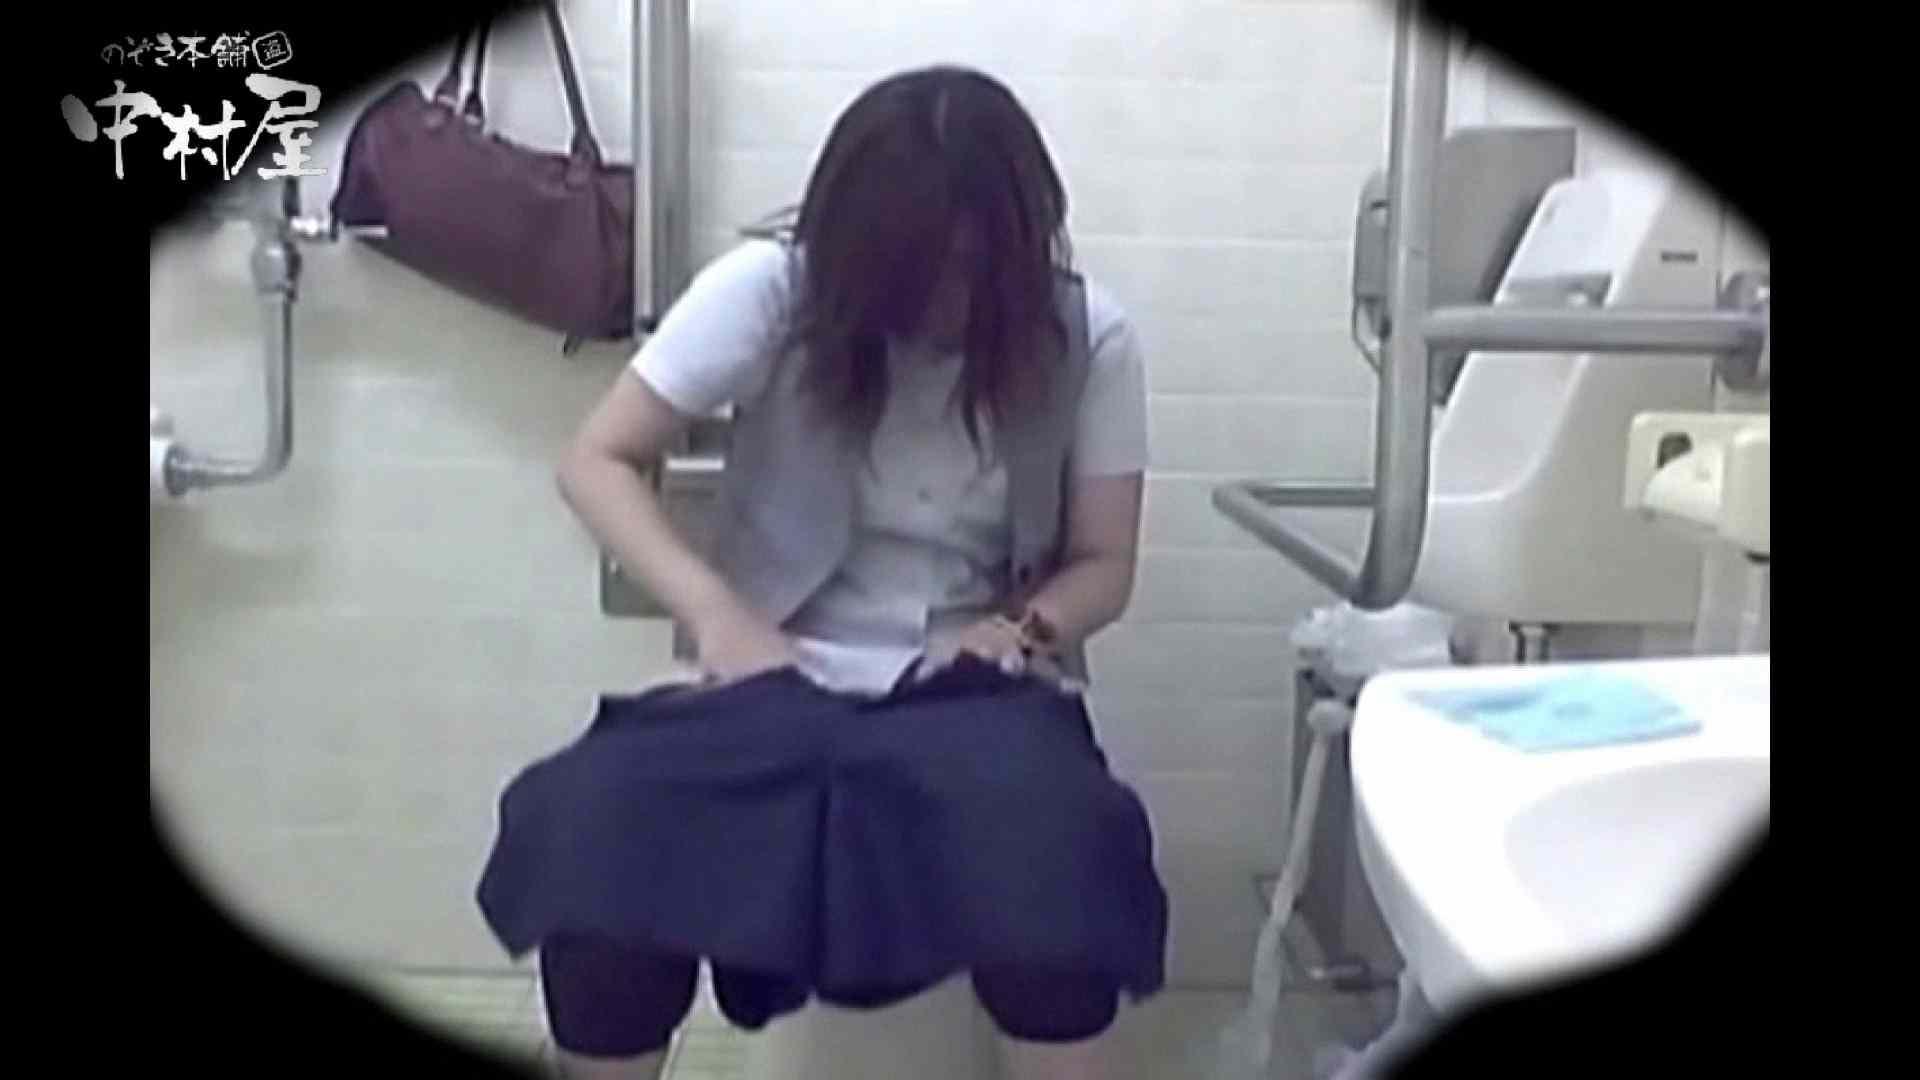 teen galトイレ覗き紙がナイ編‼vol.12 トイレ ヌード画像 77枚 19